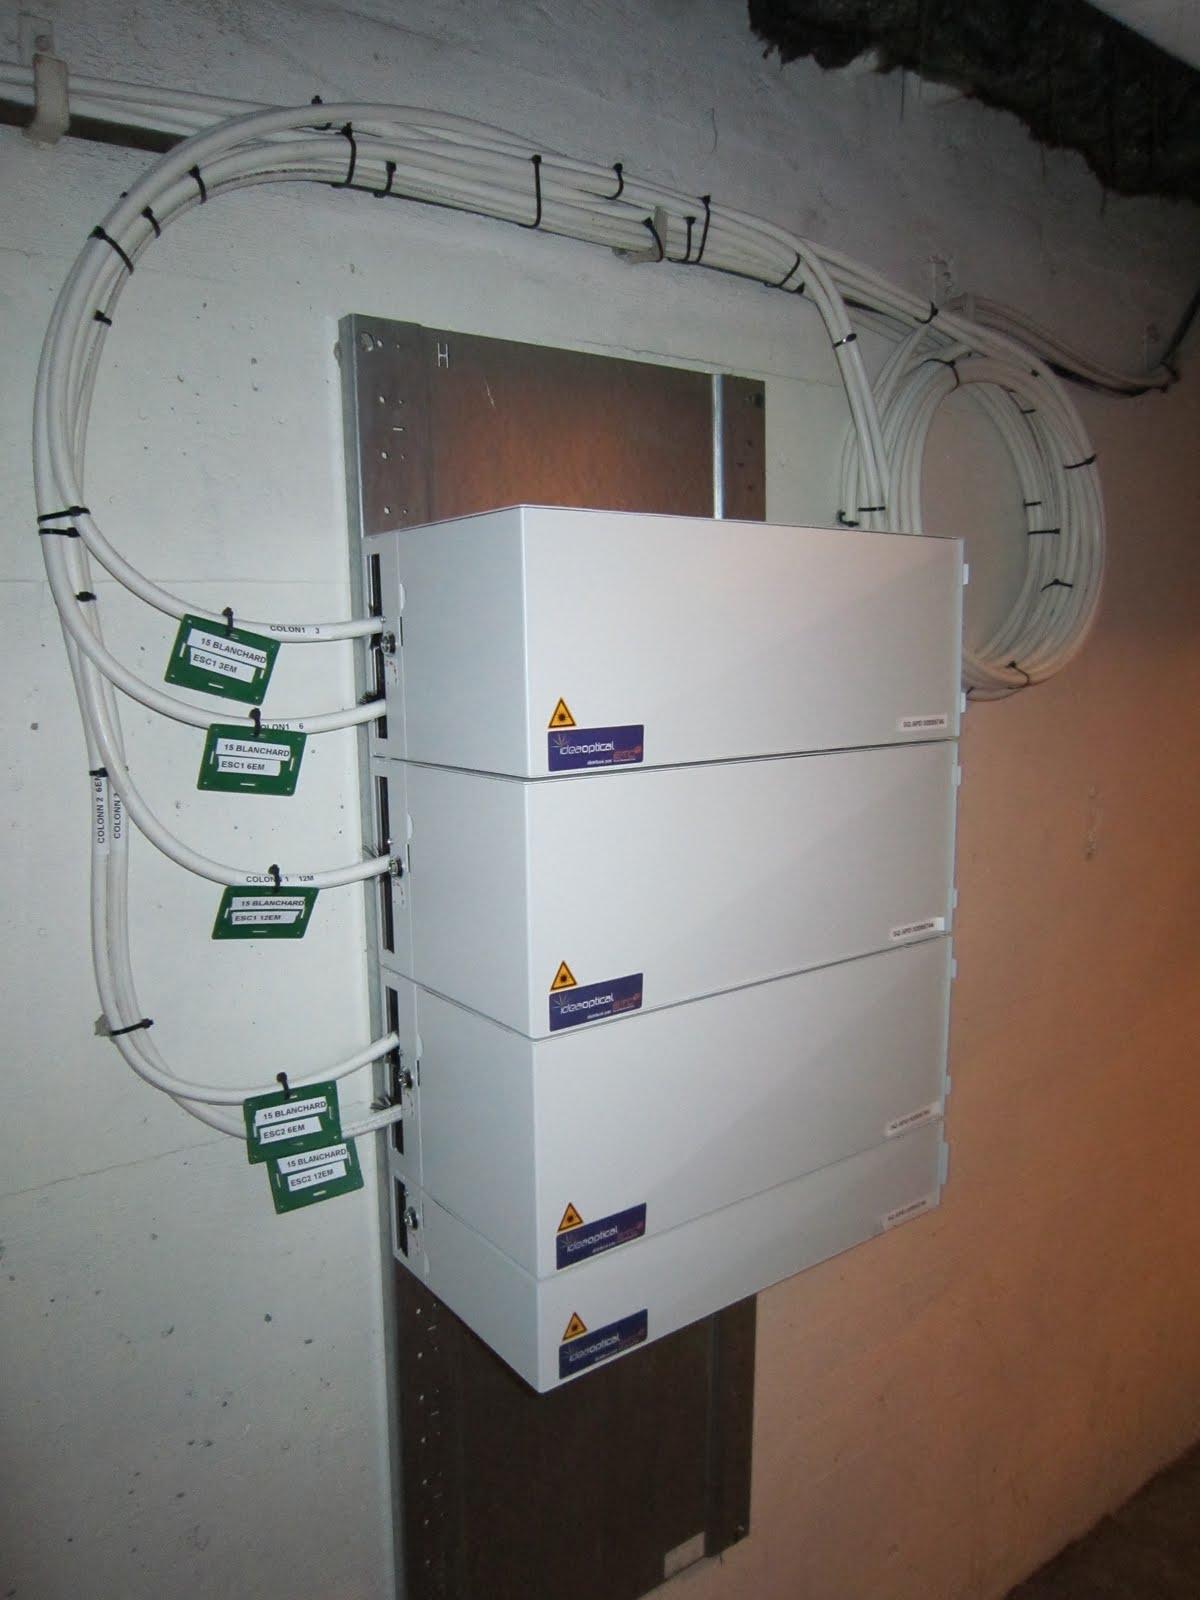 R sidence blanchard fibre optique point sur le d ploiement - Appartement fibre optique ...